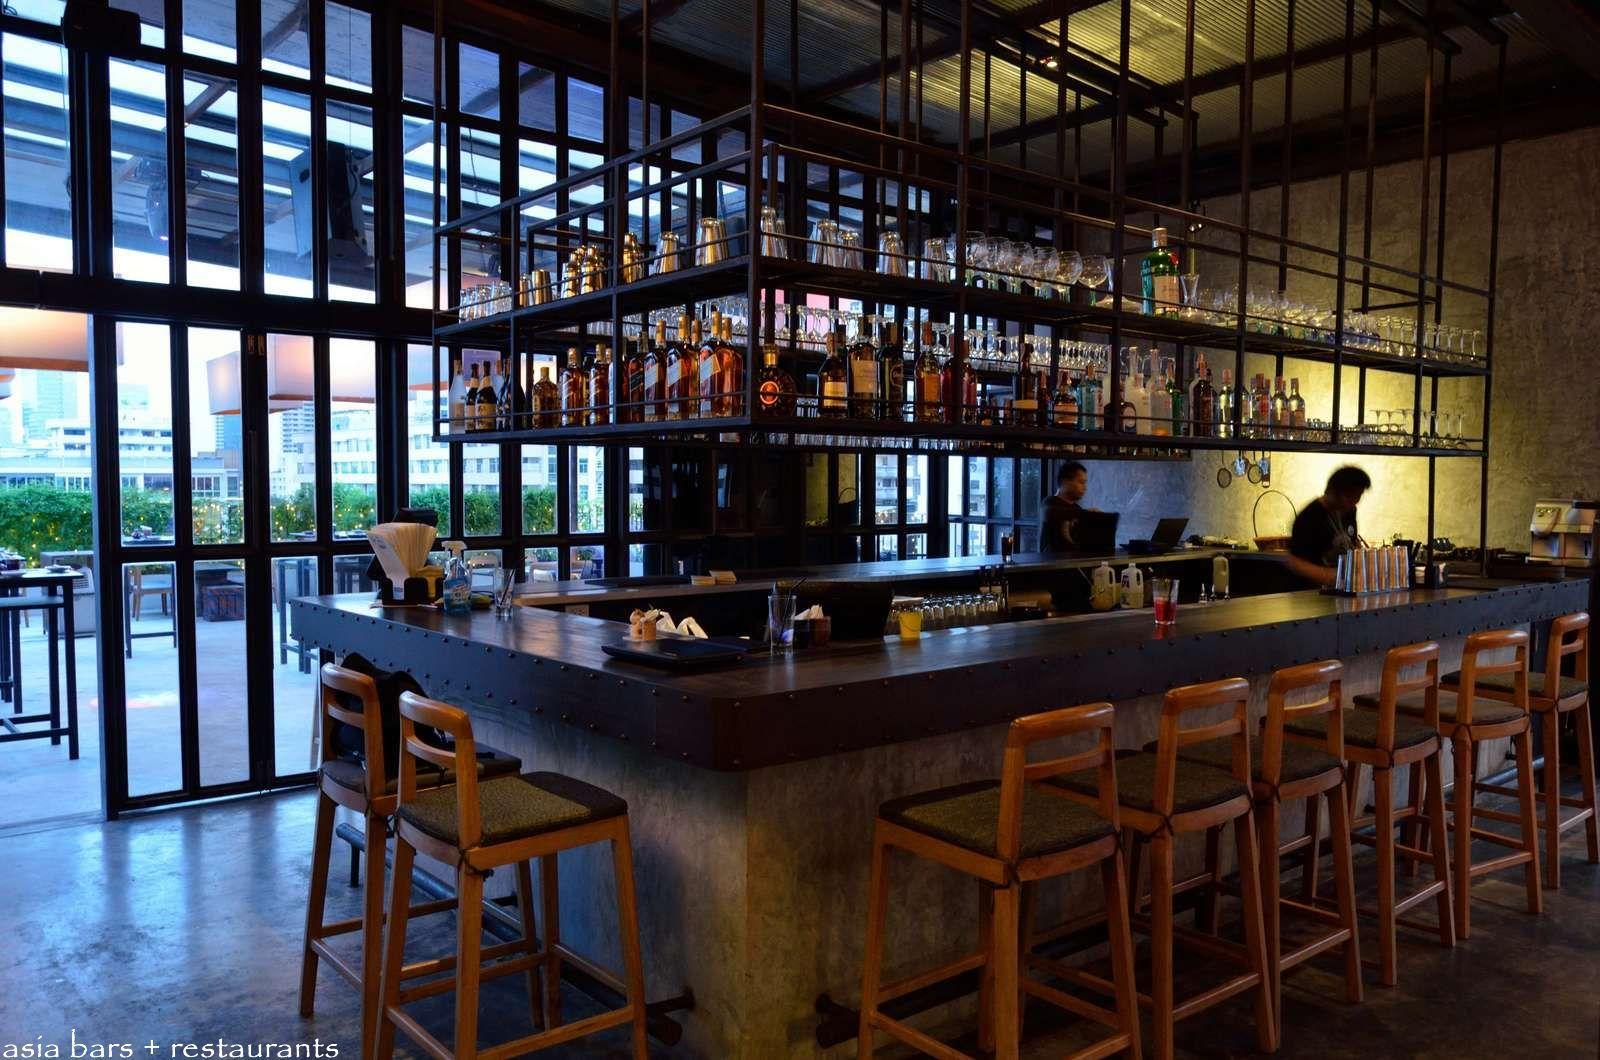 bar counter - Google Search   Restaurant & Bar   Pinterest ...